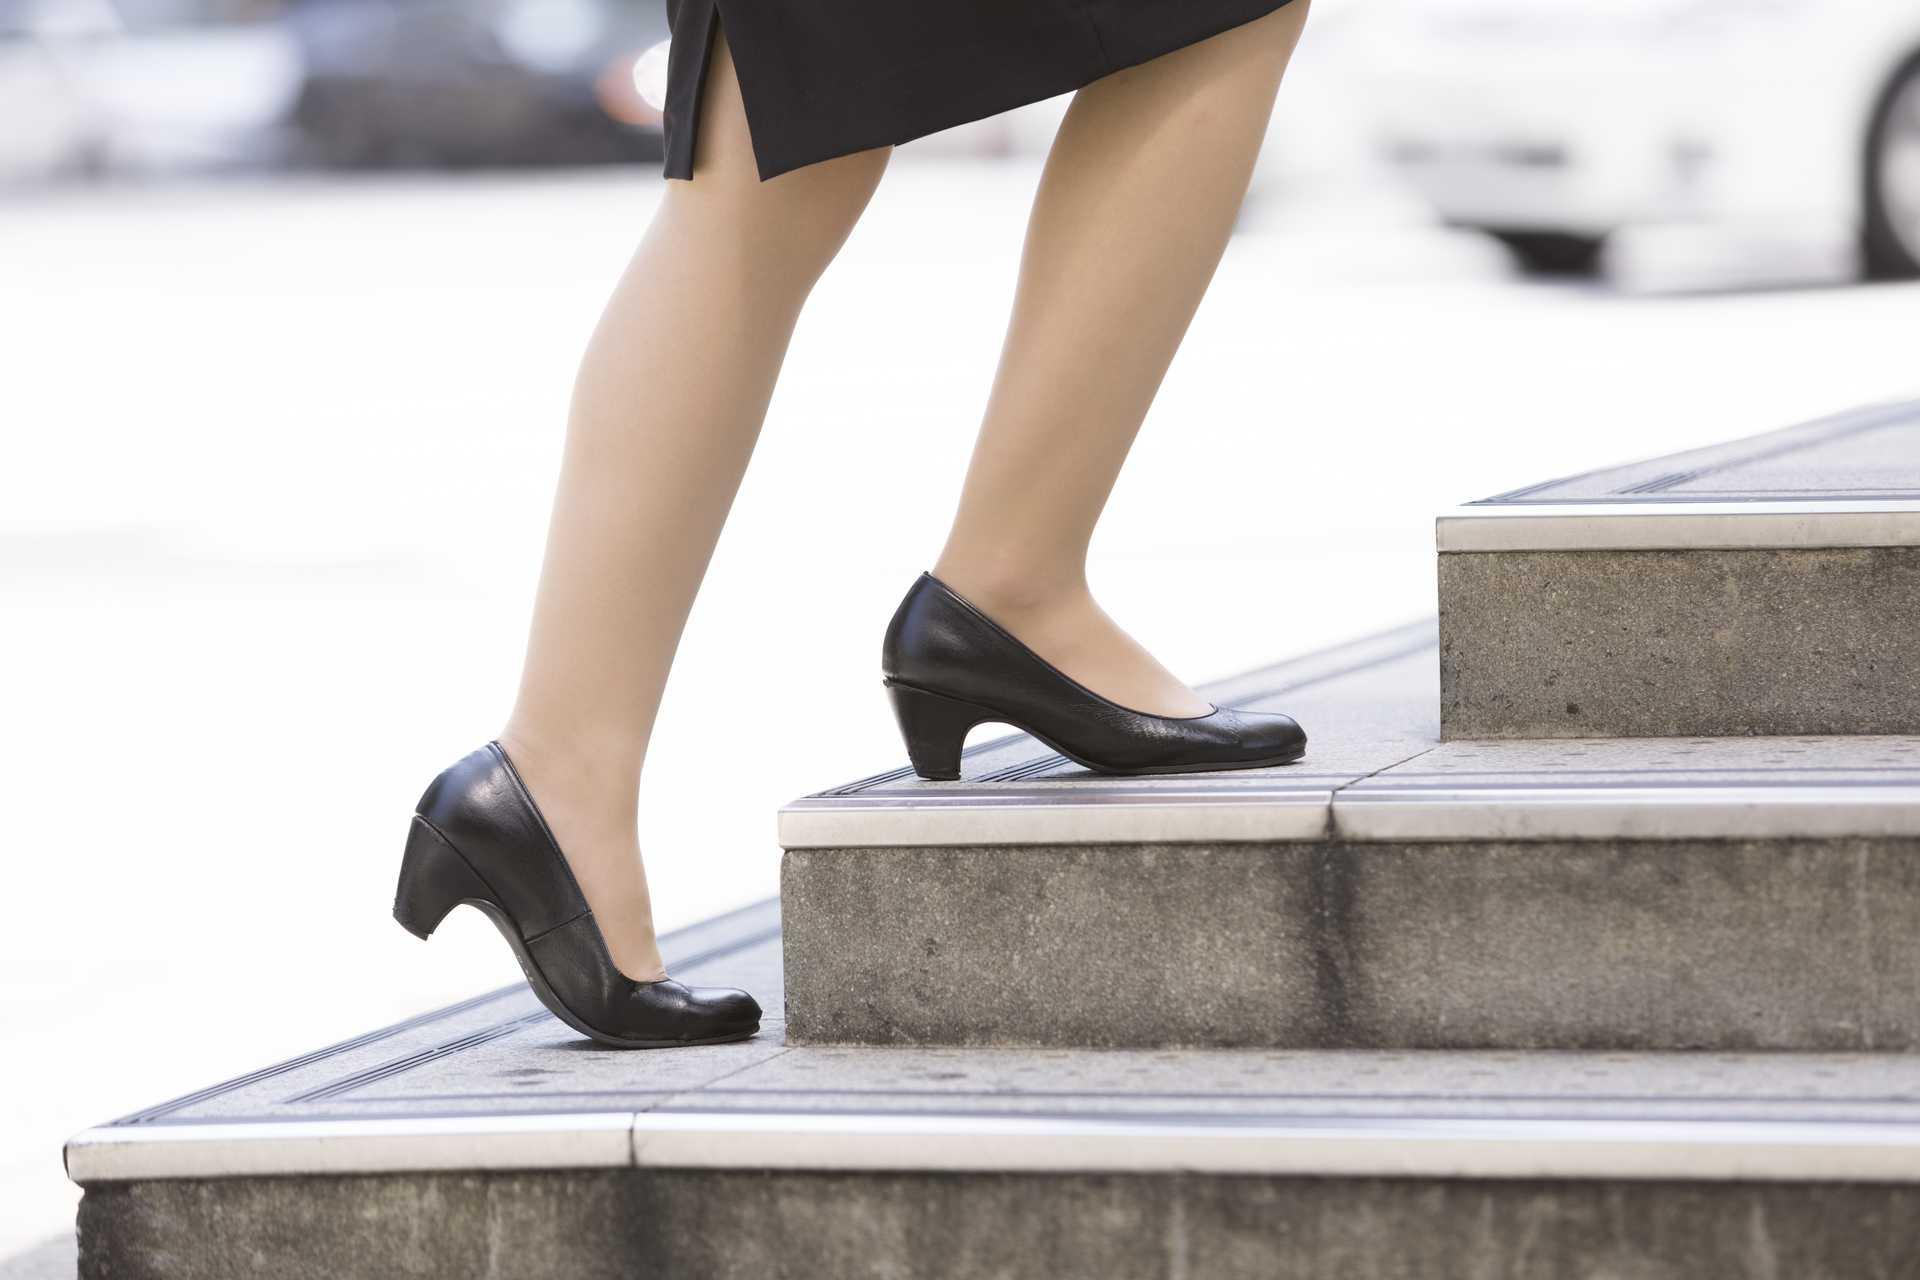 なぜ、足は第2の心臓と呼ばれるのか。 | 健康のためになる30の散歩術